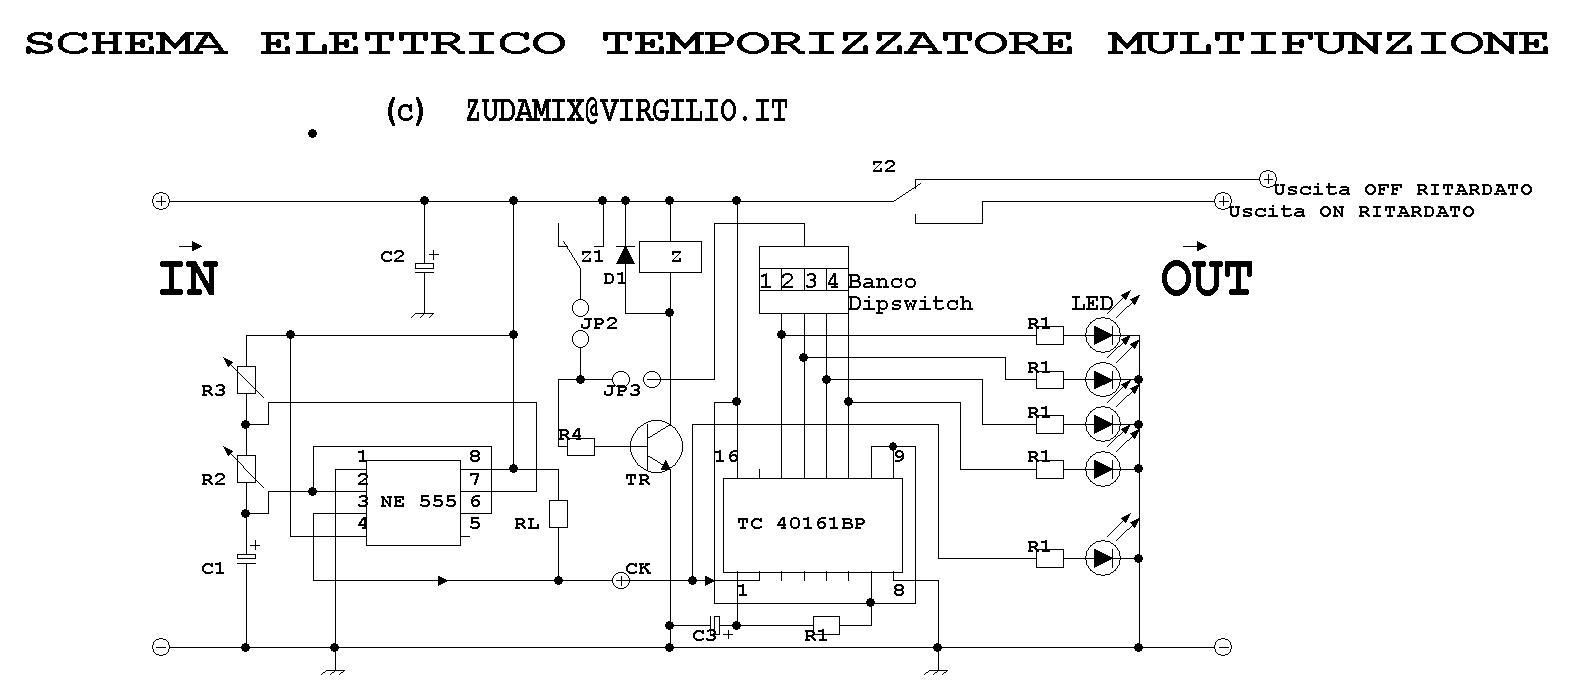 Schema Elettrico Per Temporizzatore : Circuiti online timer multifunzione